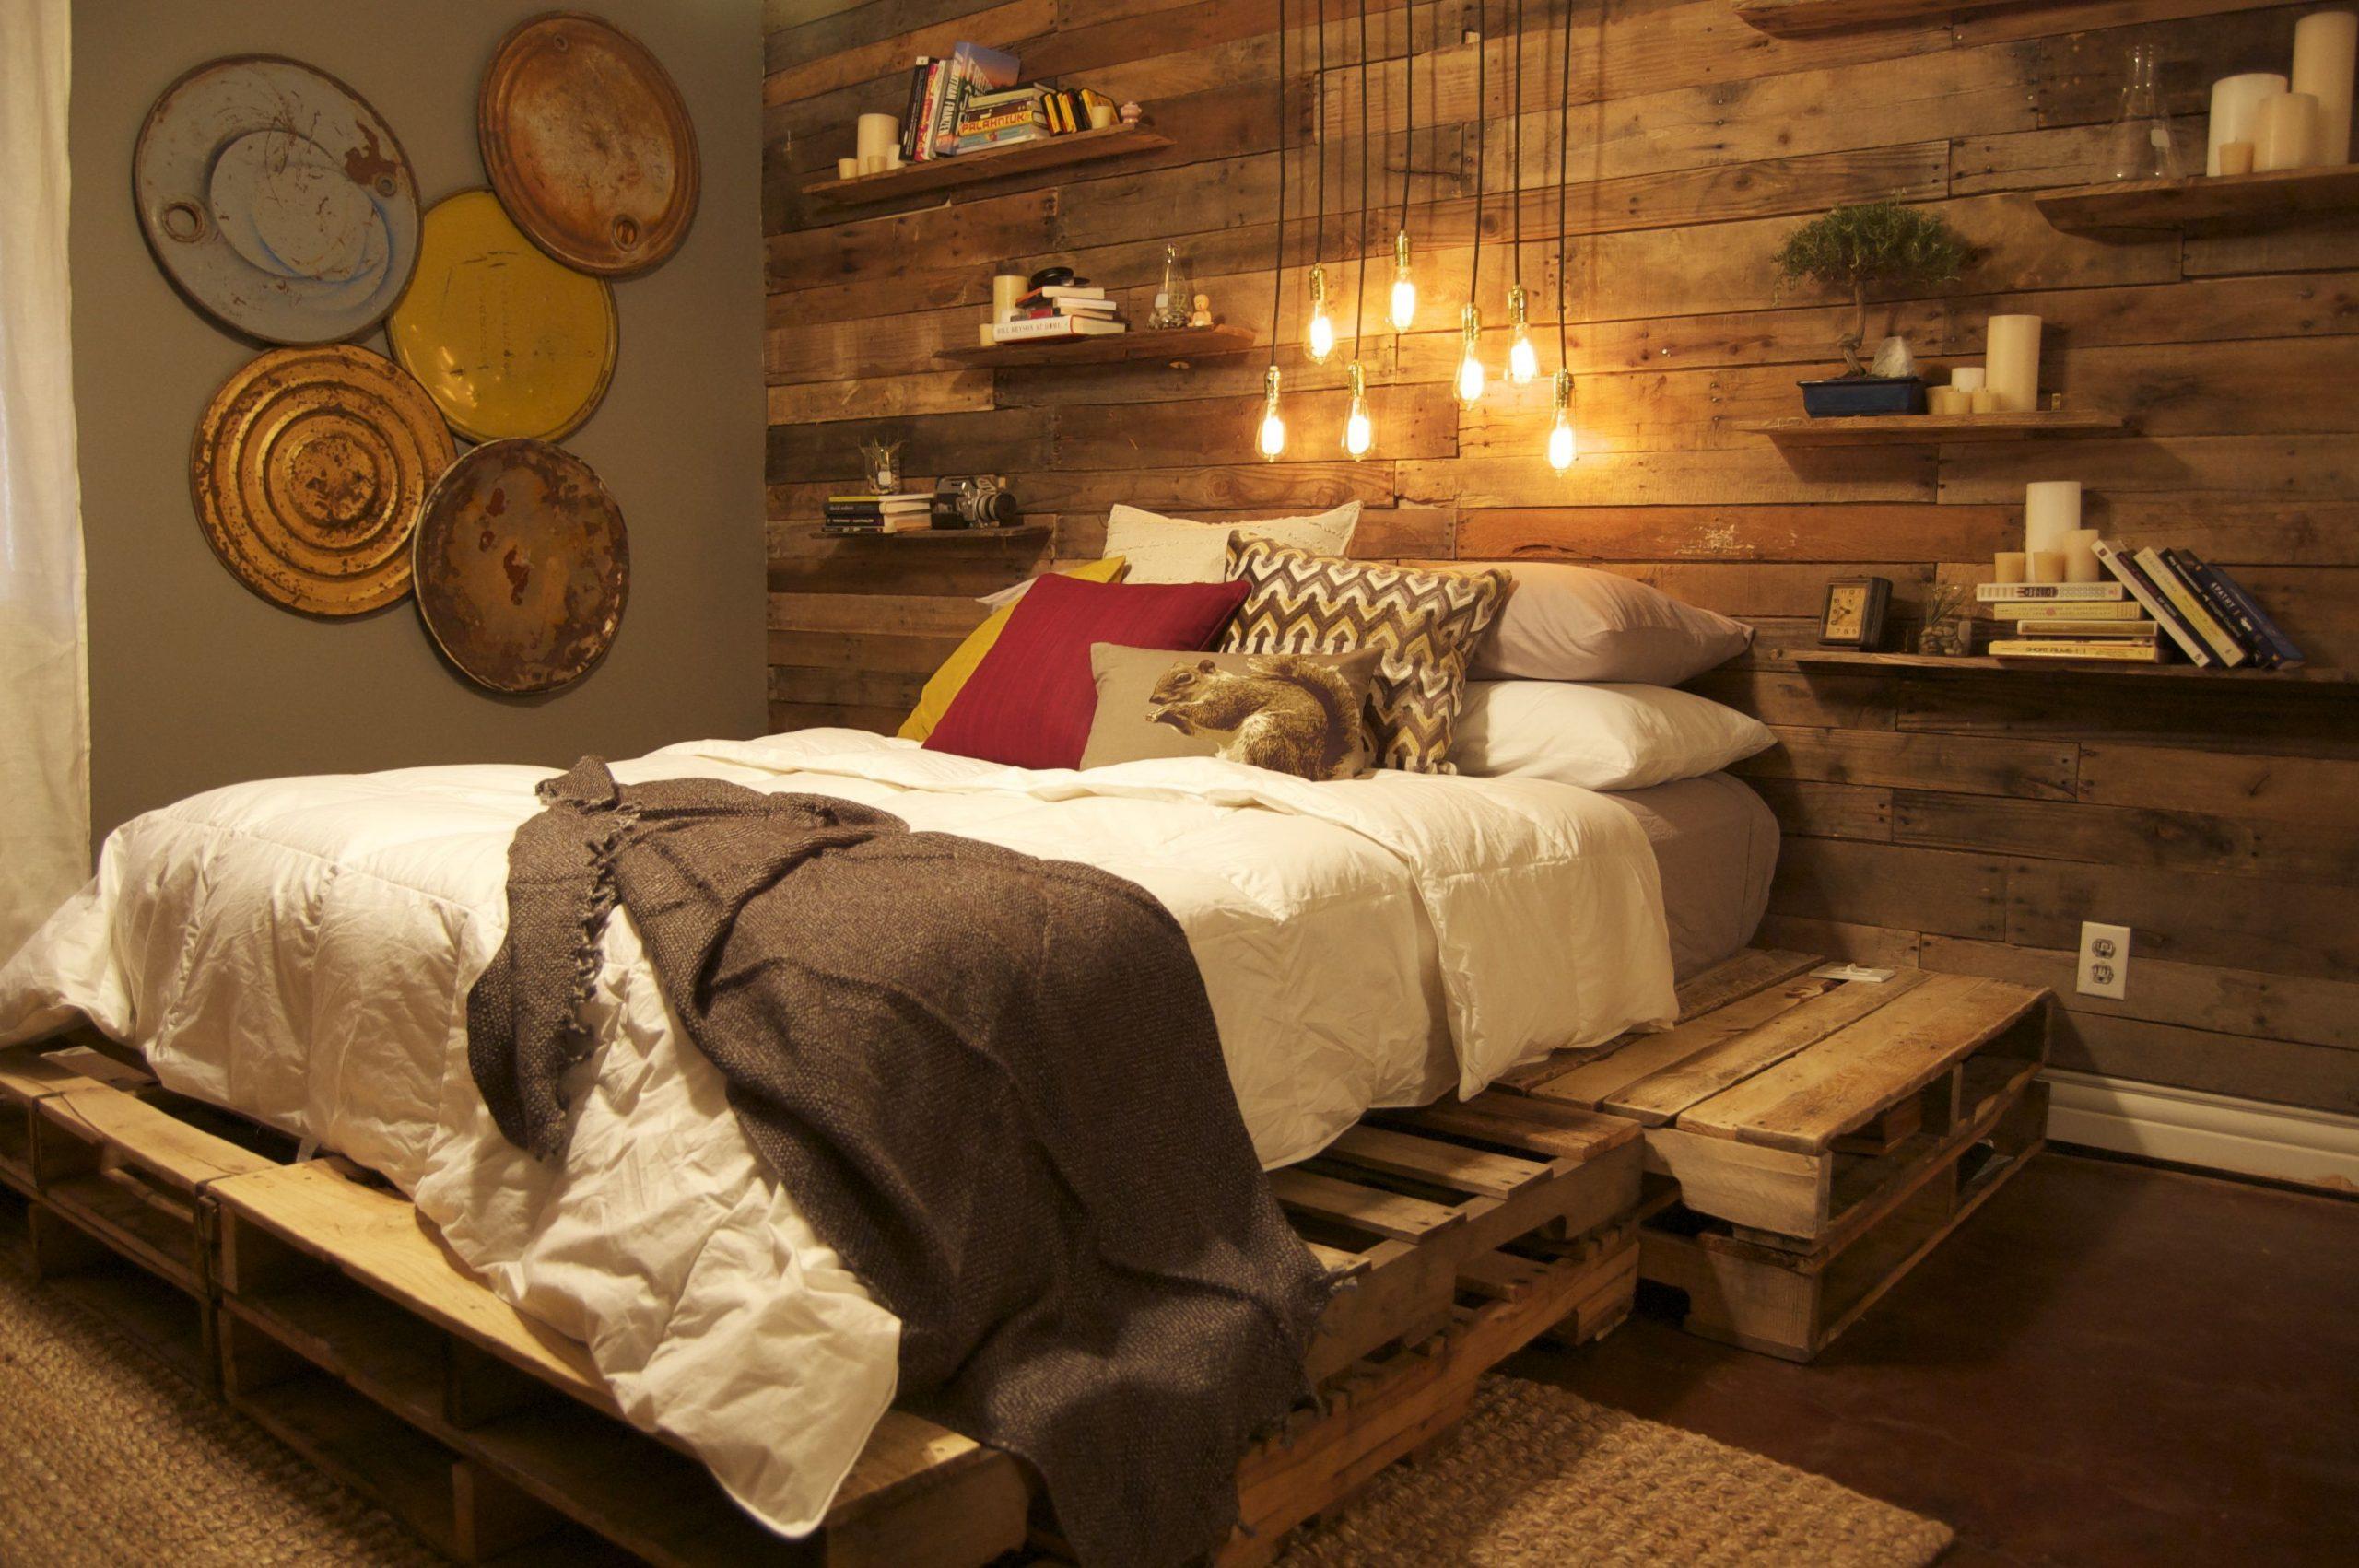 Full Size of Bett Aus Paletten Kaufen Schnell Und Einfach Ein Palettenbett Bauen In 5 Schritten Bette Badewanne Ausziehbares Außergewöhnliche Betten 1 40x2 00 Bett Bett Aus Paletten Kaufen